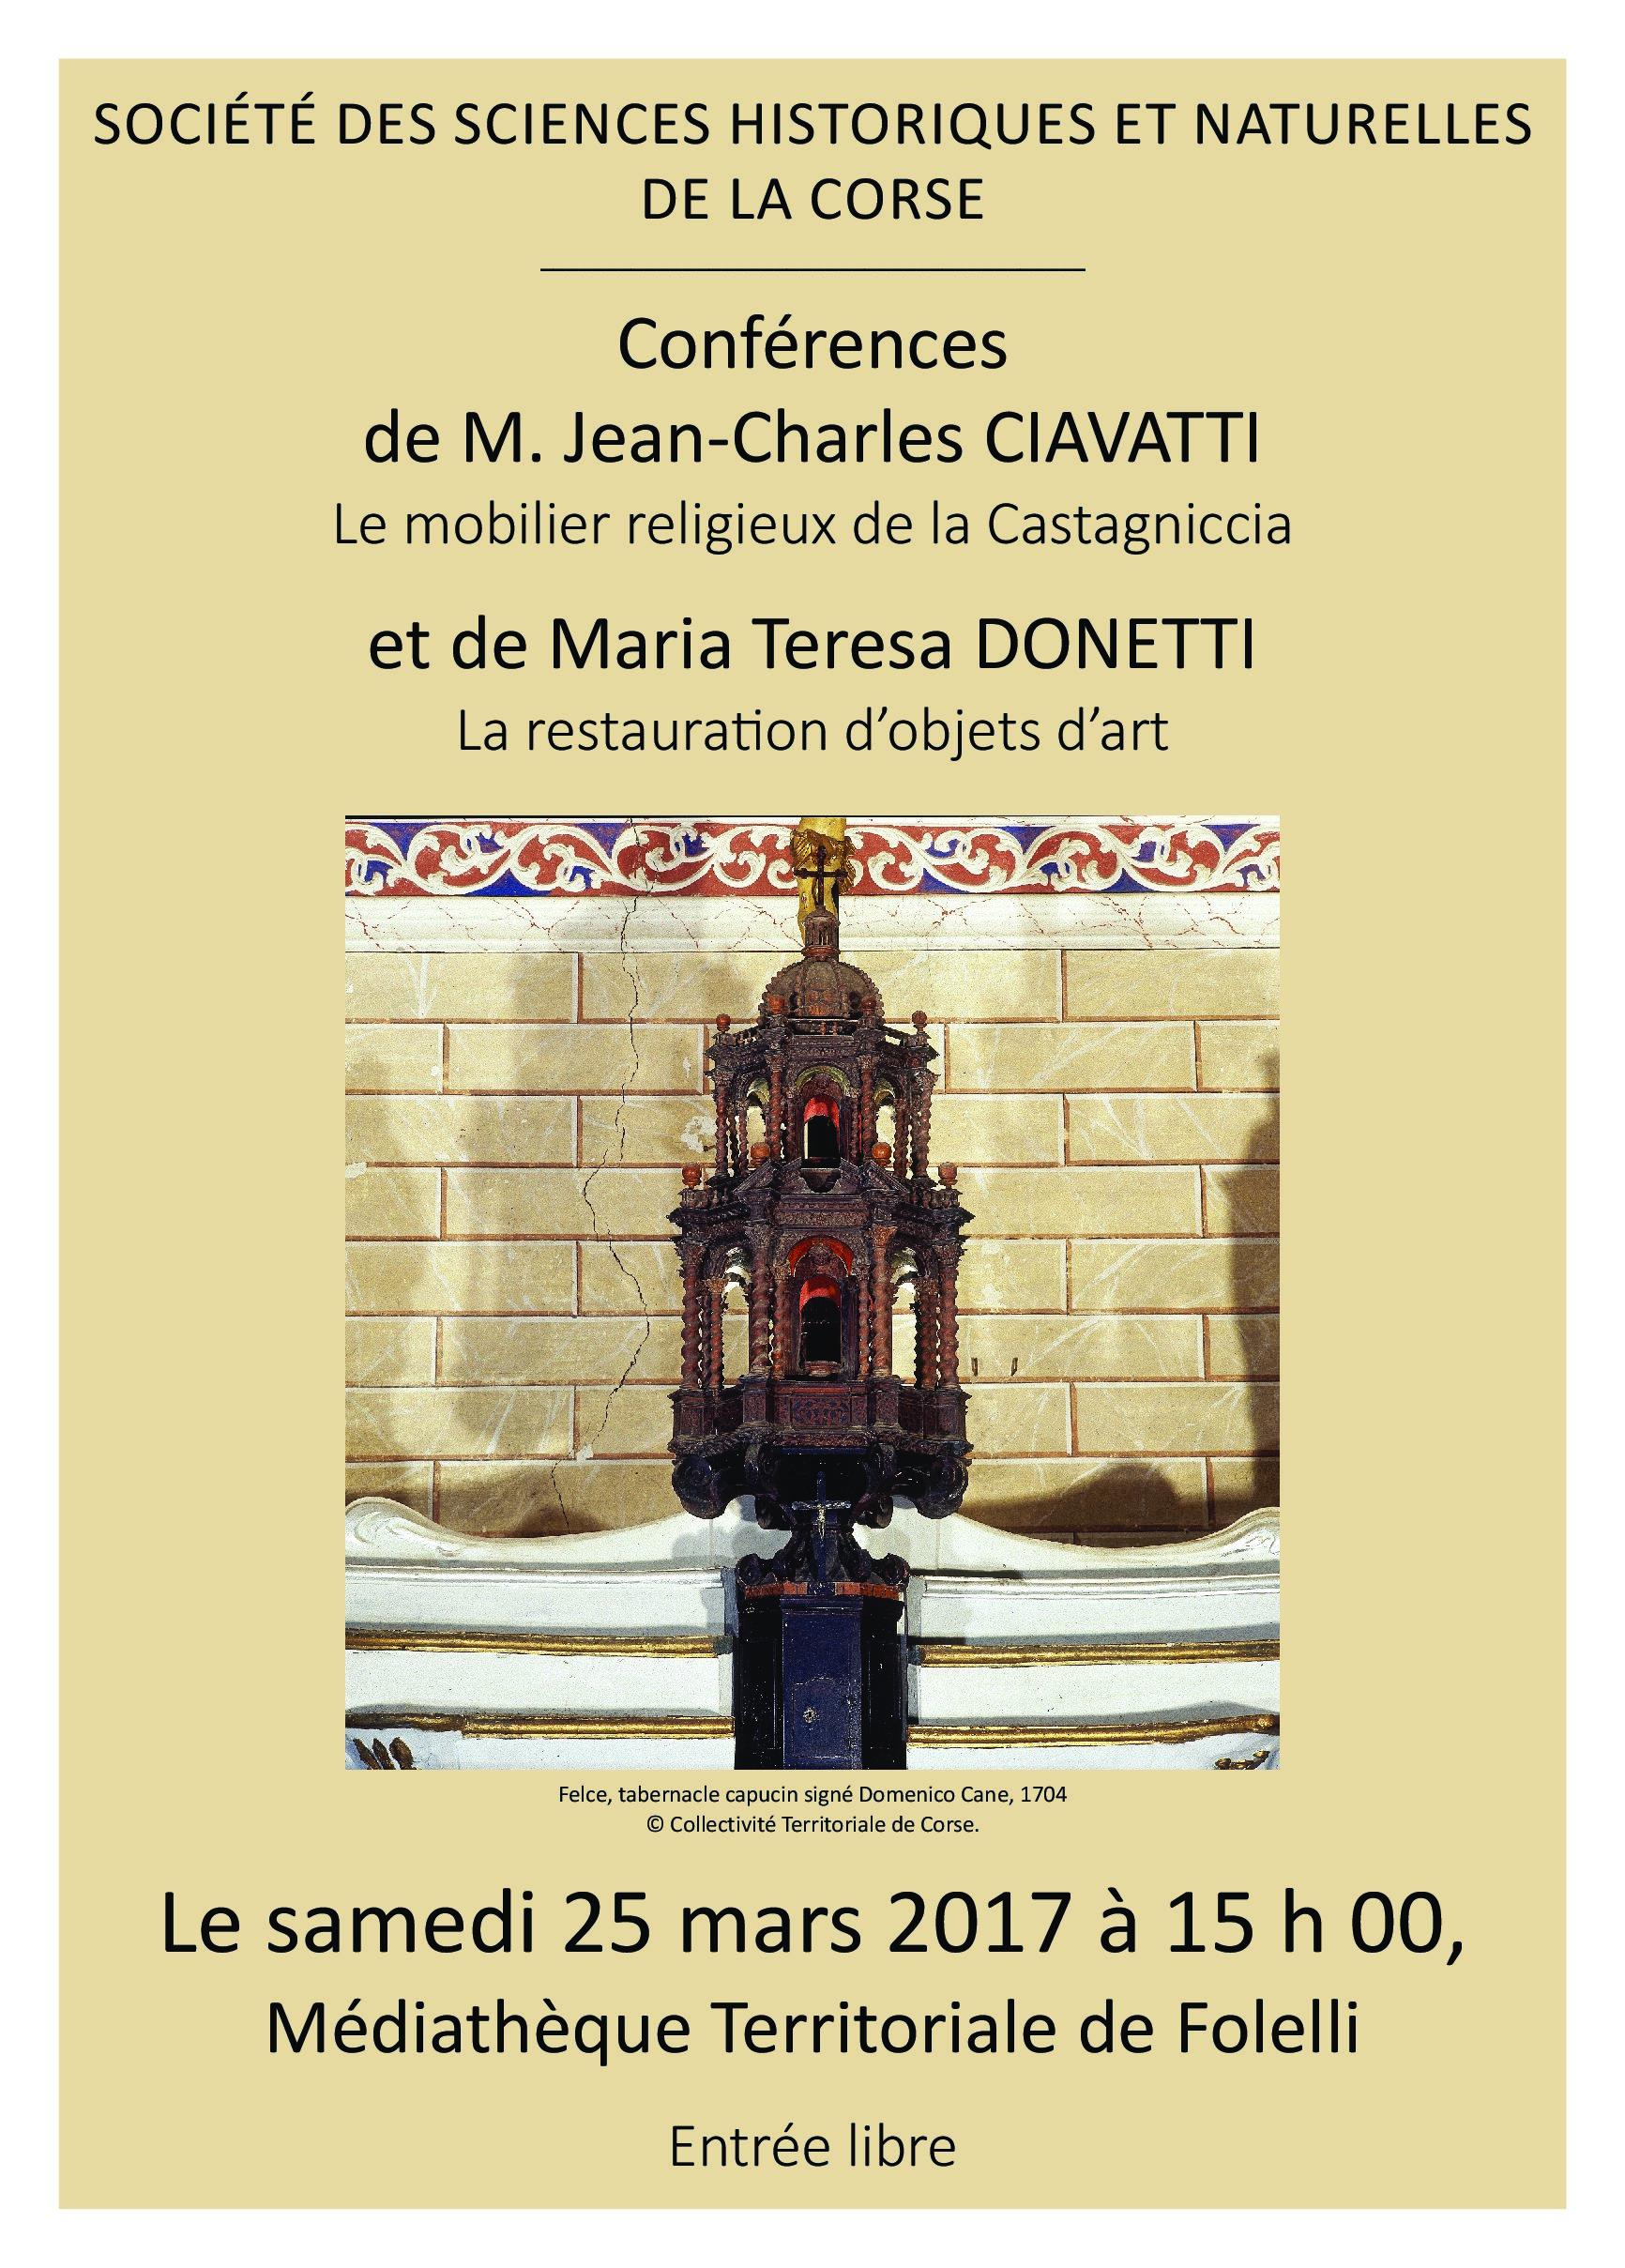 Folelli : Le mobilier religieux de la Castagniccia et la restauration d'objets d'art thèmes des  conférences de la Société des Sciences